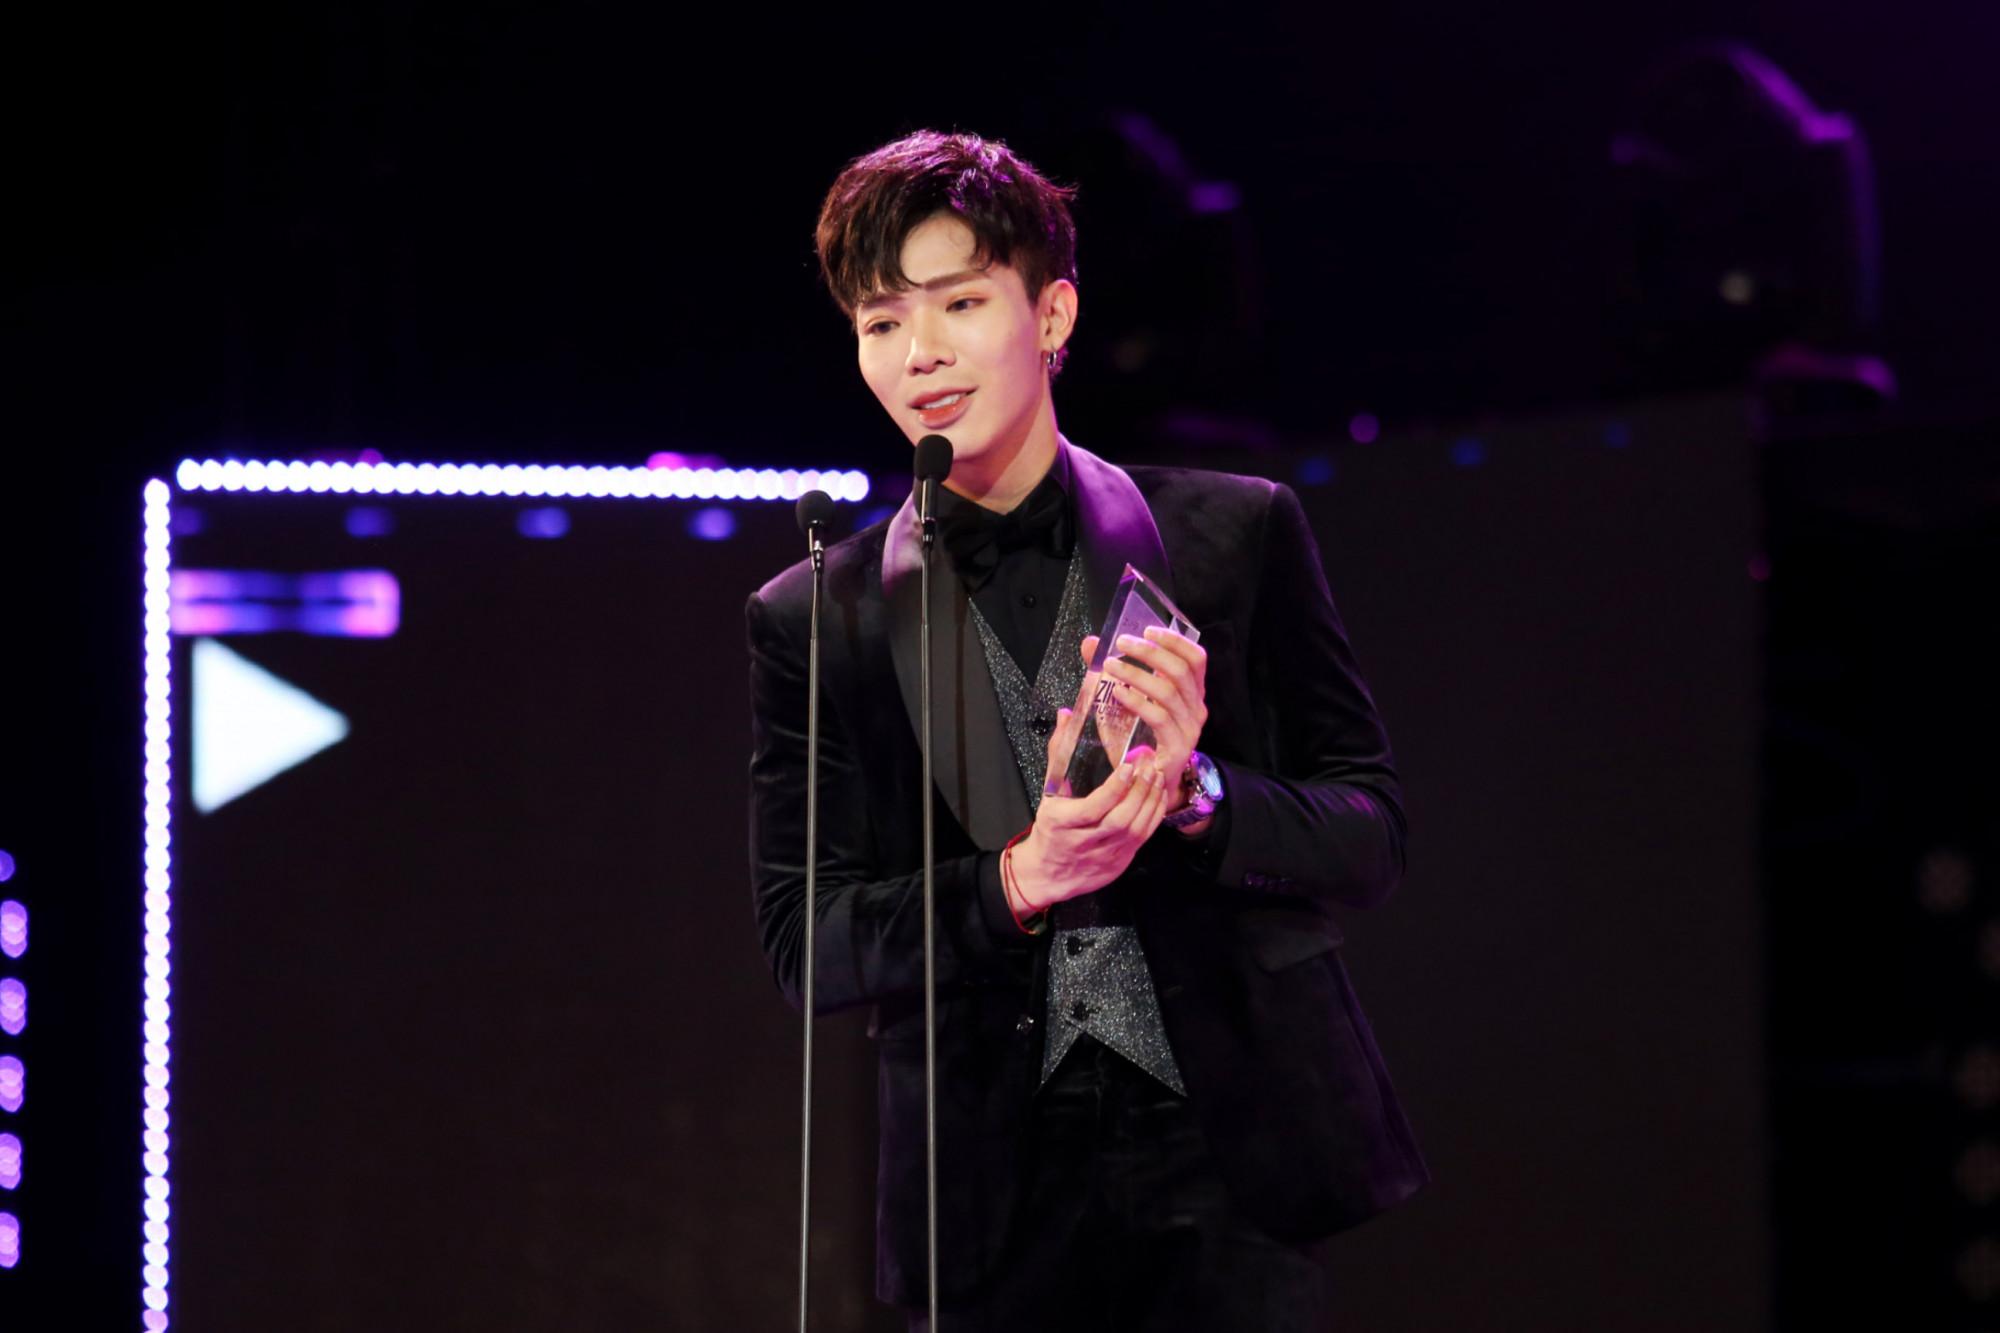 Erik nhận giải Nghệ sĩ của năm